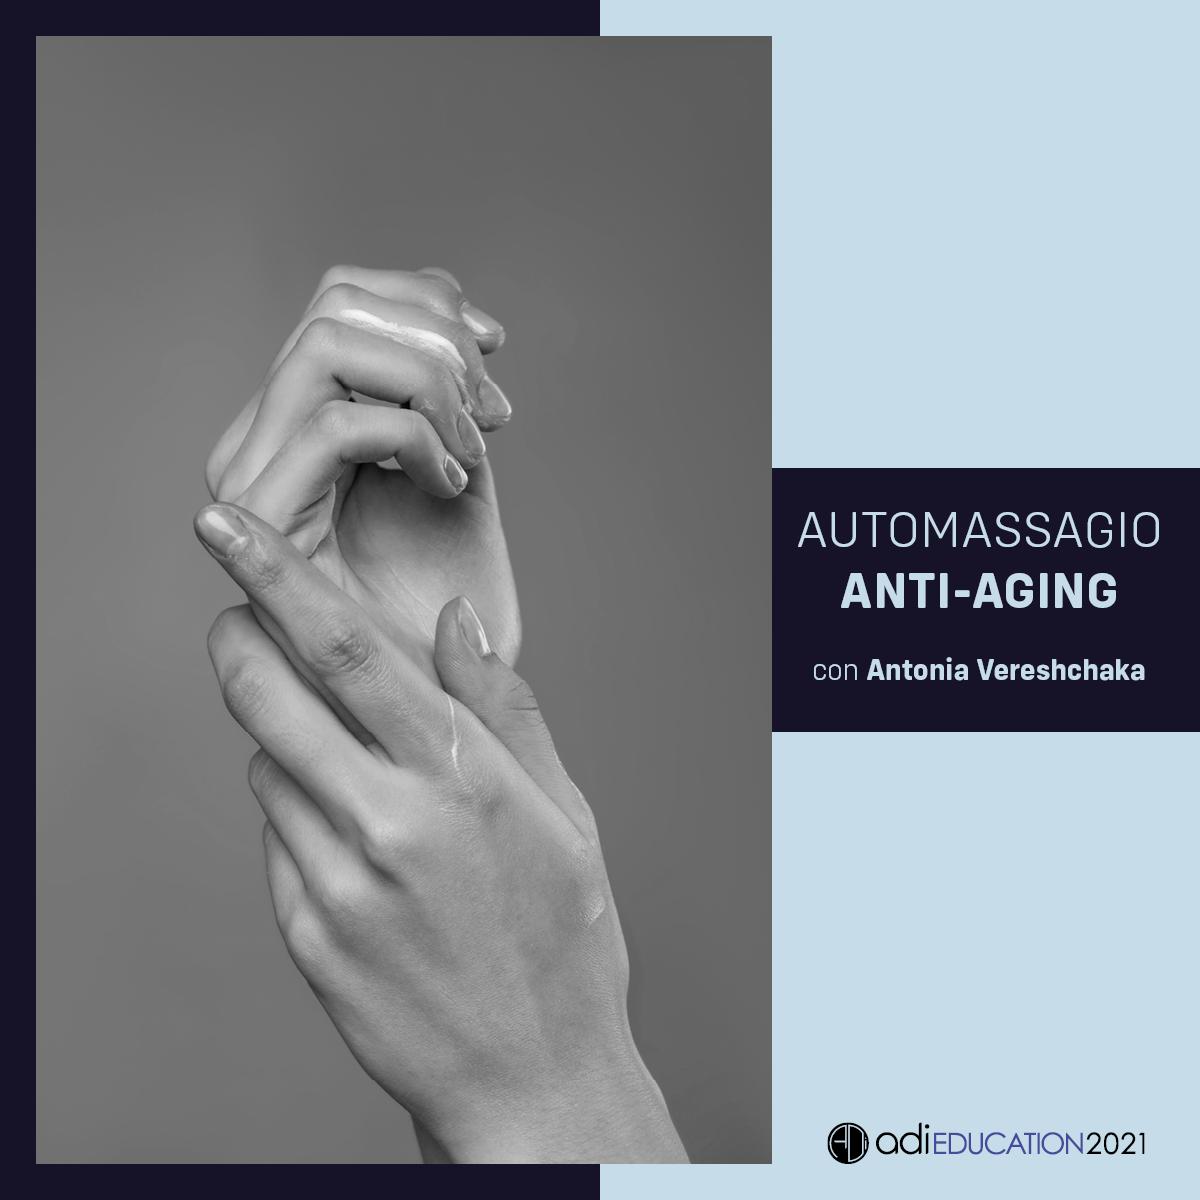 AUTOMASSAGGIO ANTI-AGING 1 FEBBRAIO